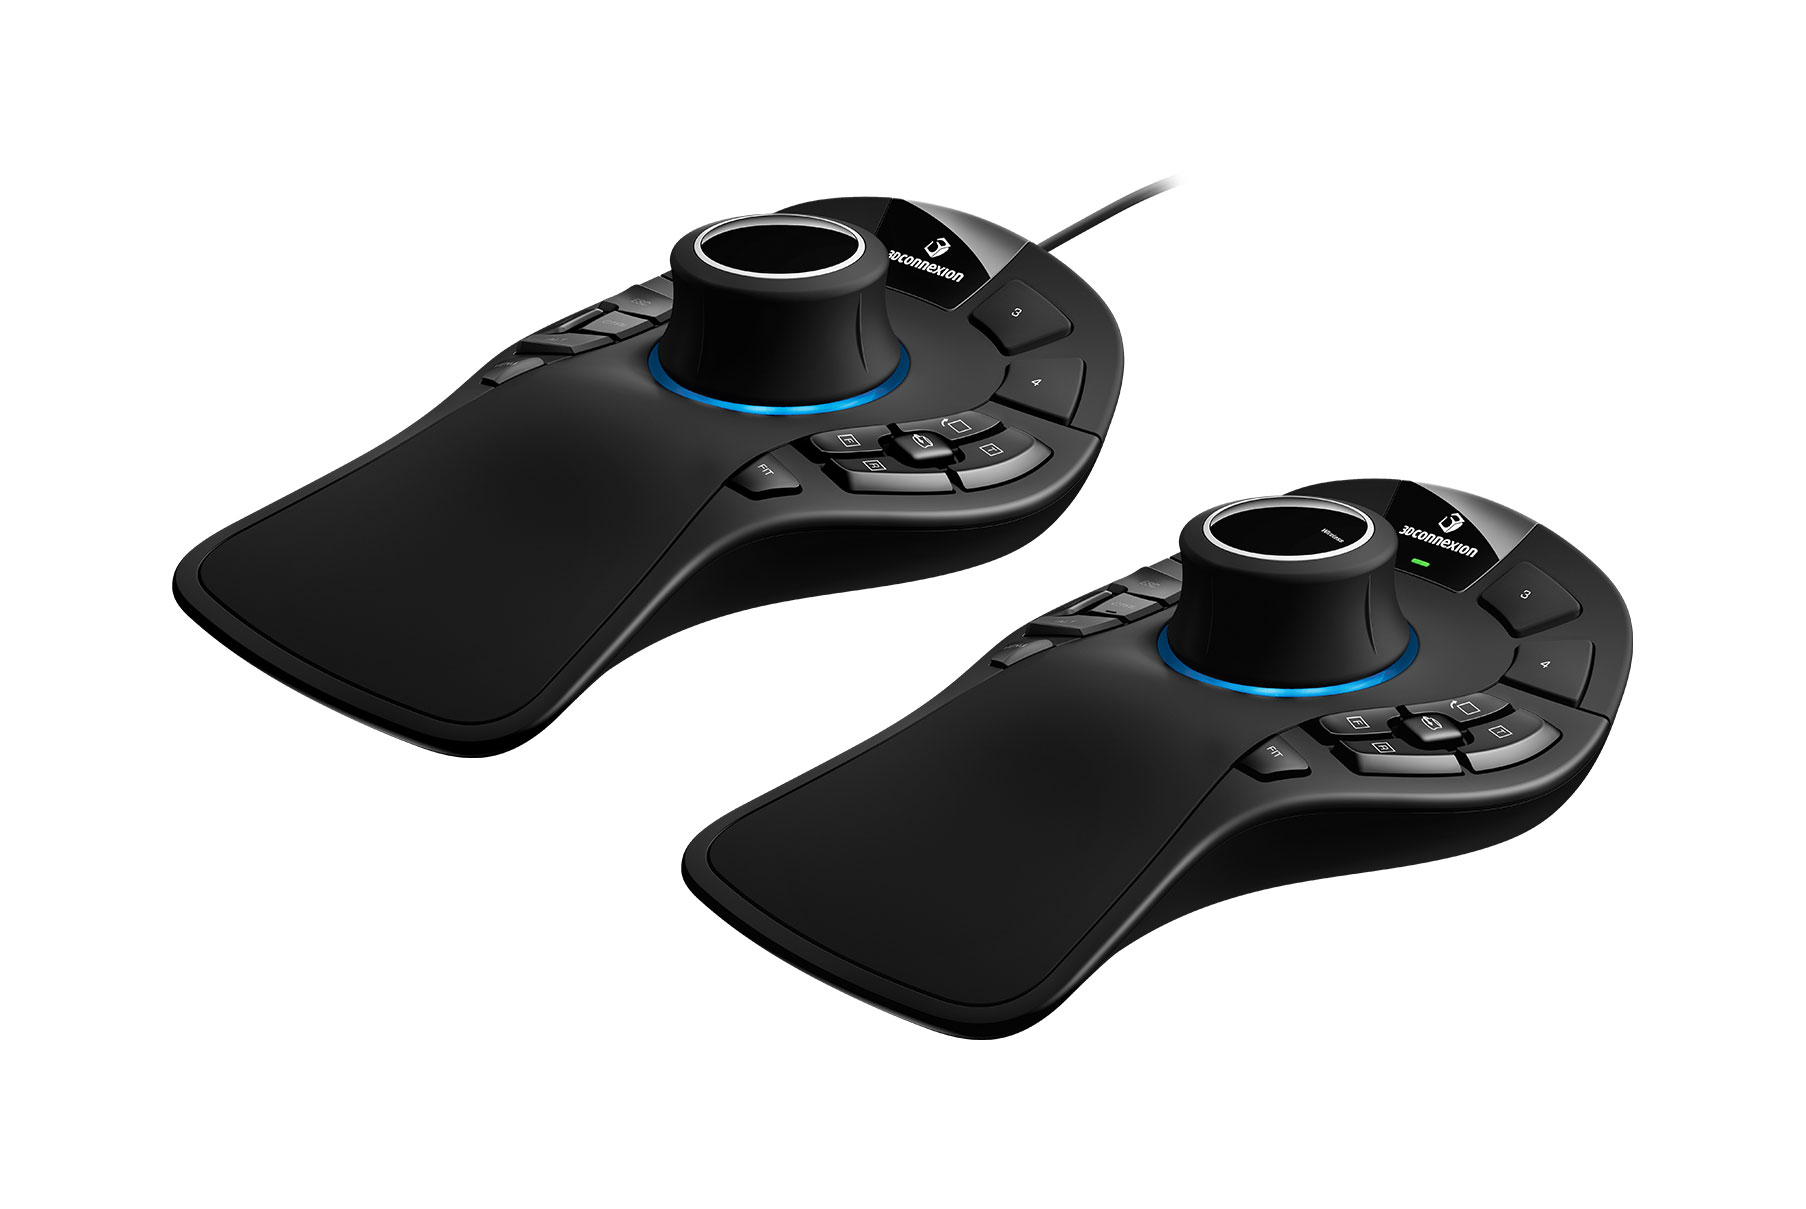 3D Connexion Space Mouse Pro